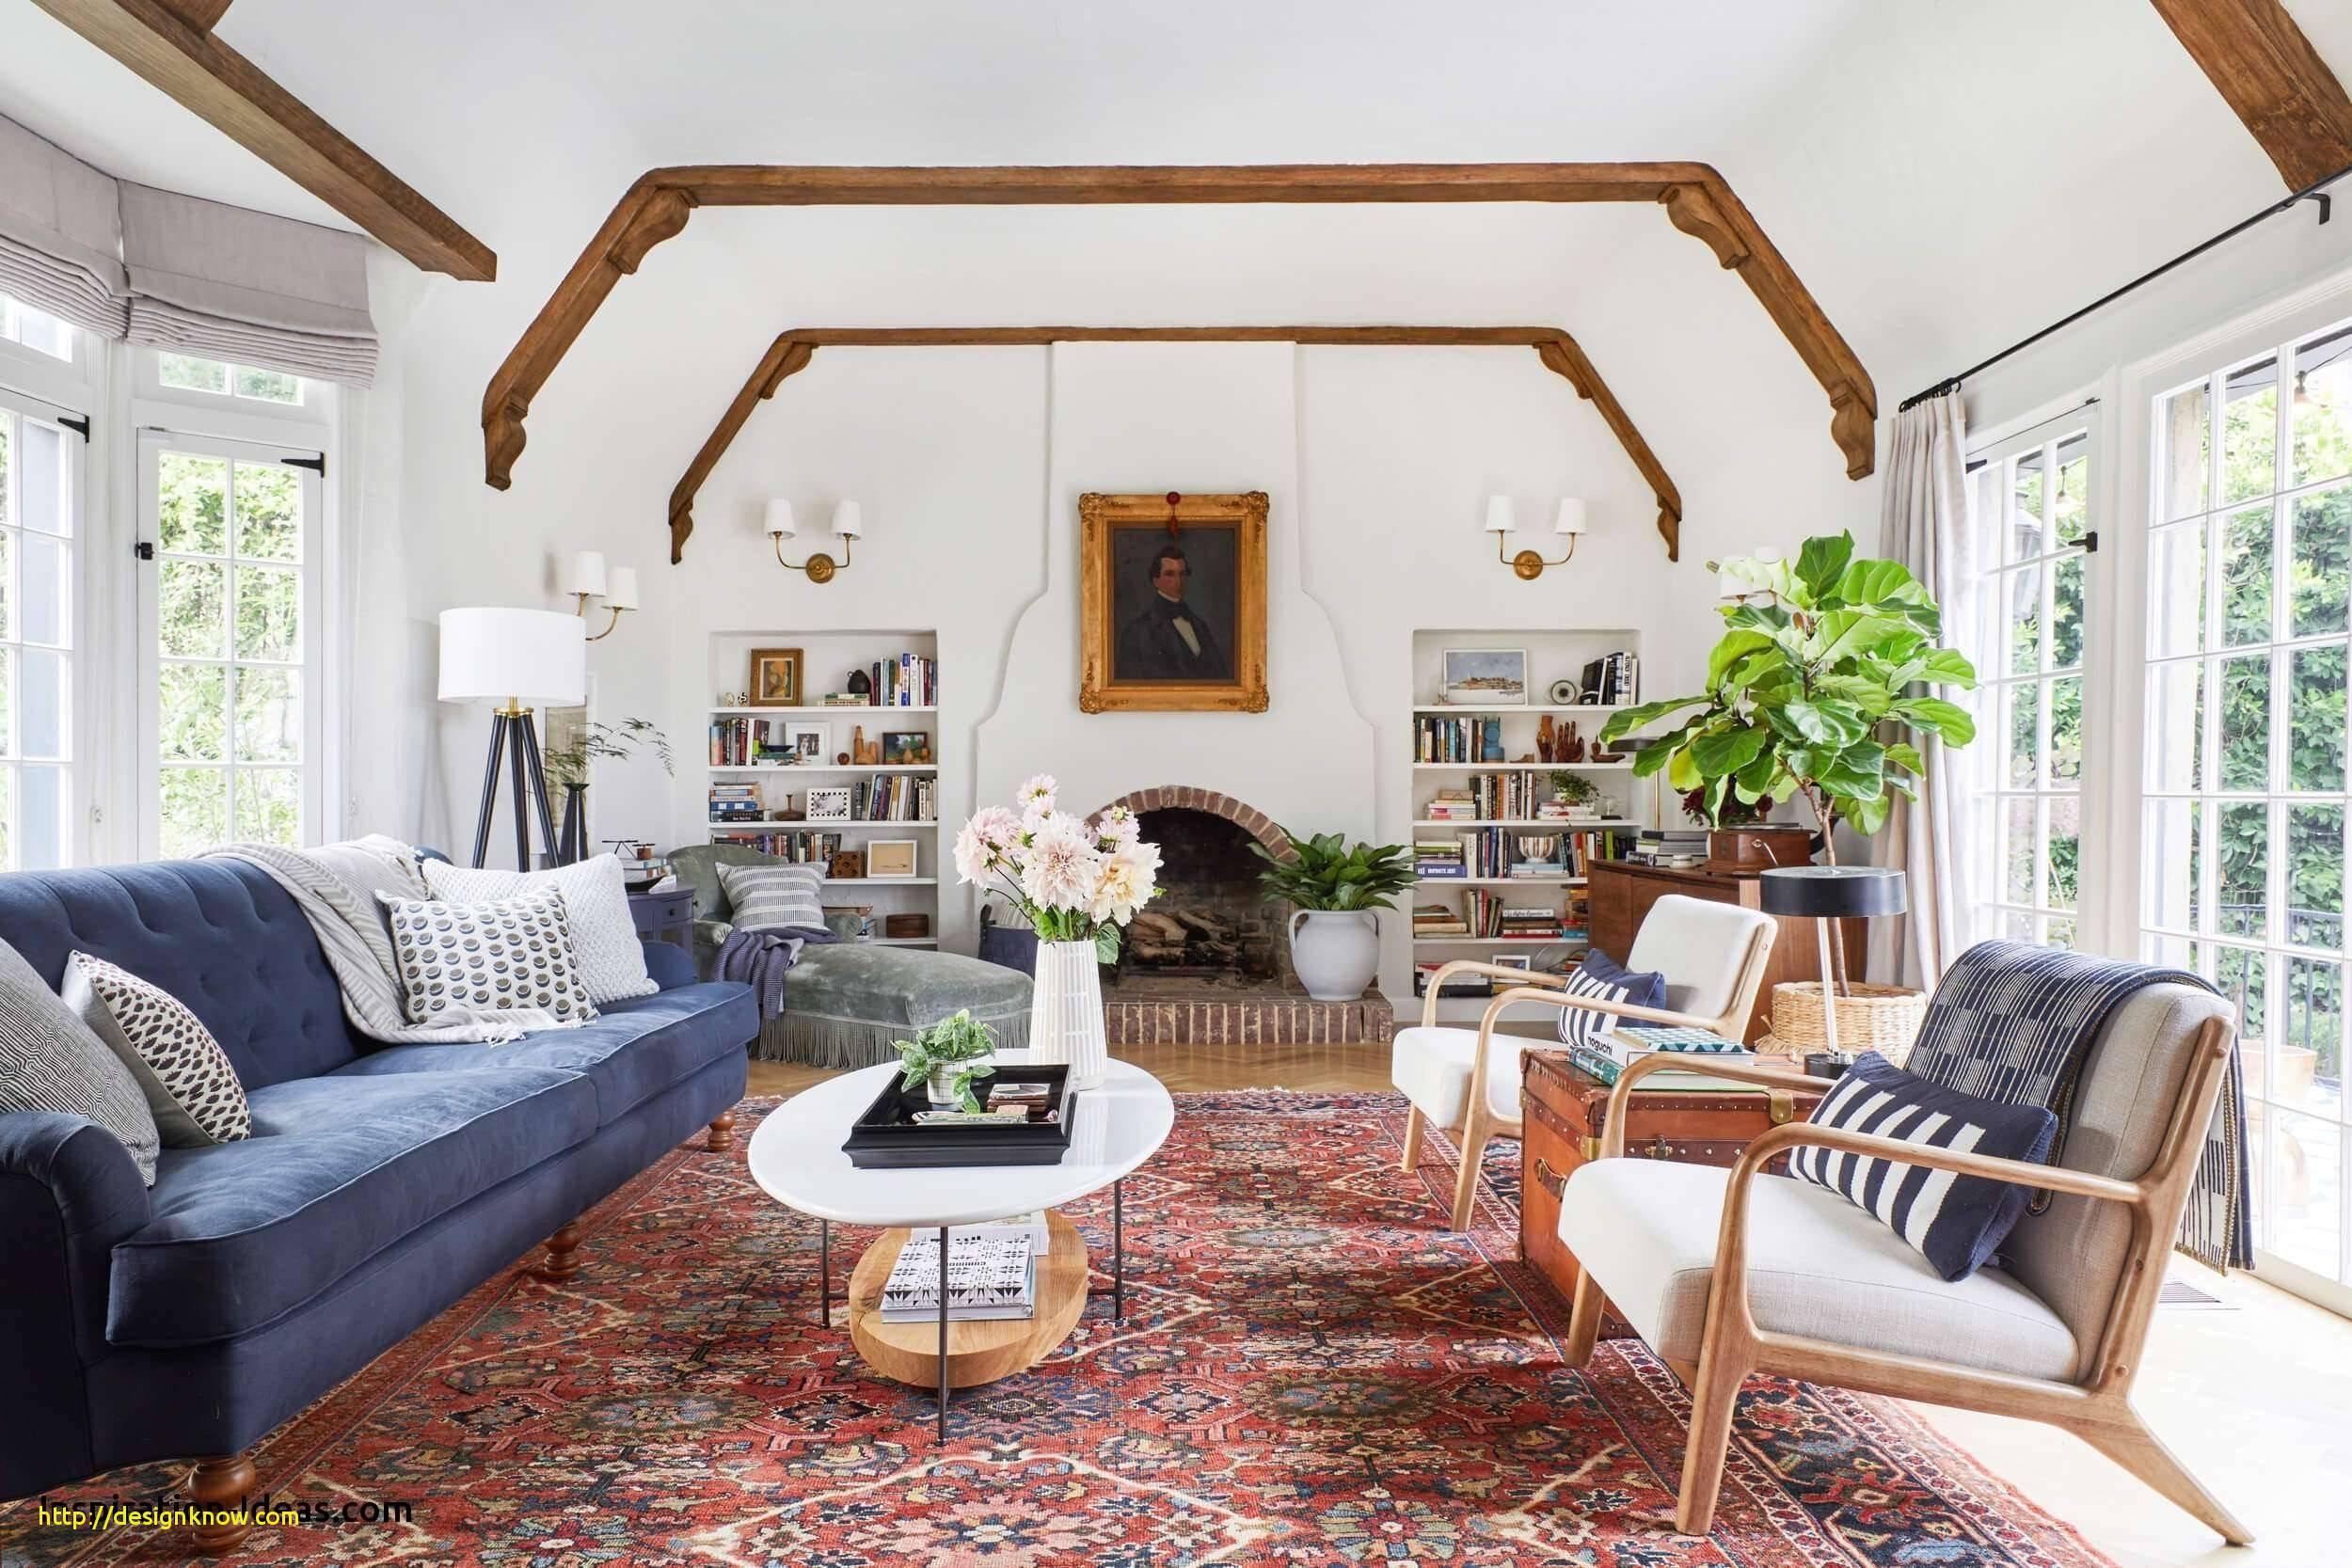 interior design for studio apartment inspirational fresh studio apartment interior design home design and interior design of interior design for studio apartment